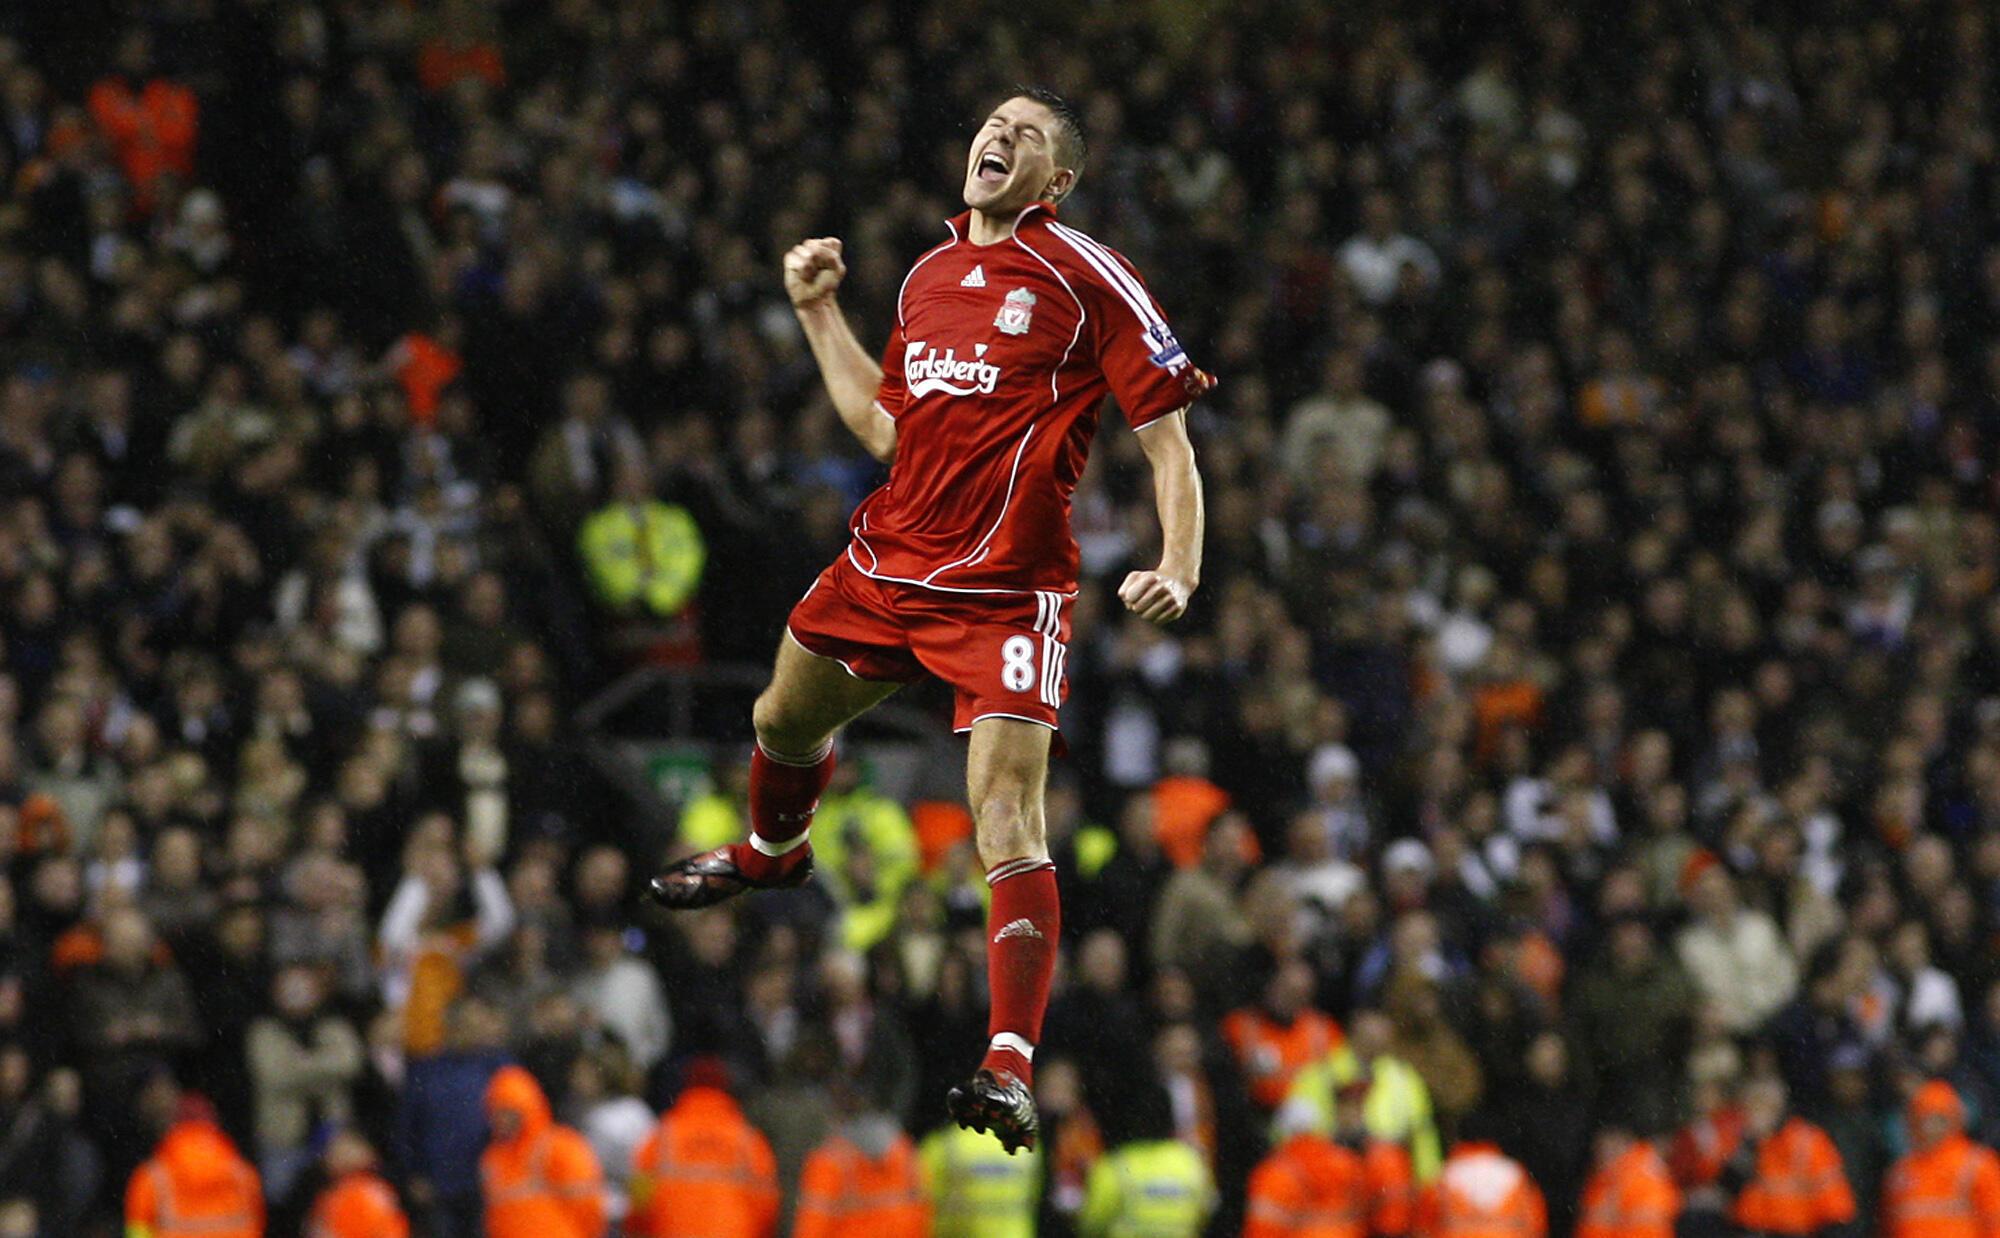 Steven Gerrard a zamanin da yake dan wasa a kungiyar Liverpool. Gerrard yayi tsalle ne bayan jefa kwallo ta 3 a ragar kungiyar Luton, yayin fafatawarsu a gasar cin kofin FA. 15/1/2008.